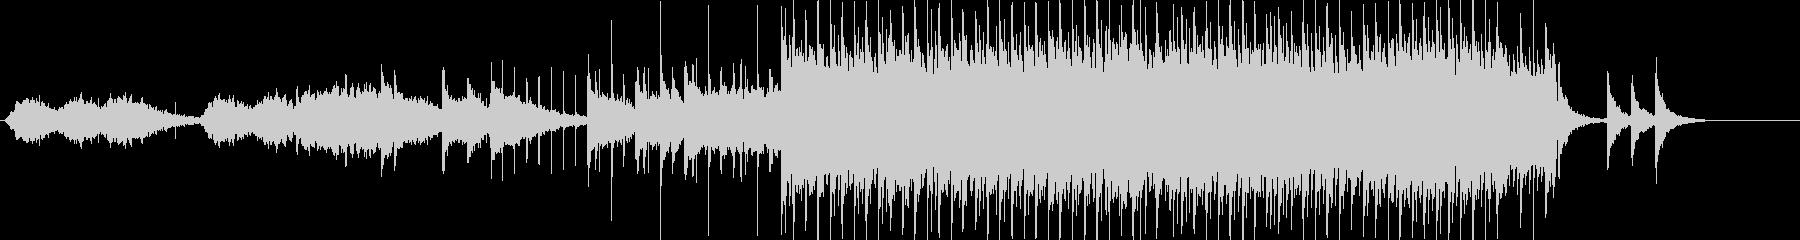 切なげな琴とエレピのシンプルな和風EDMの未再生の波形